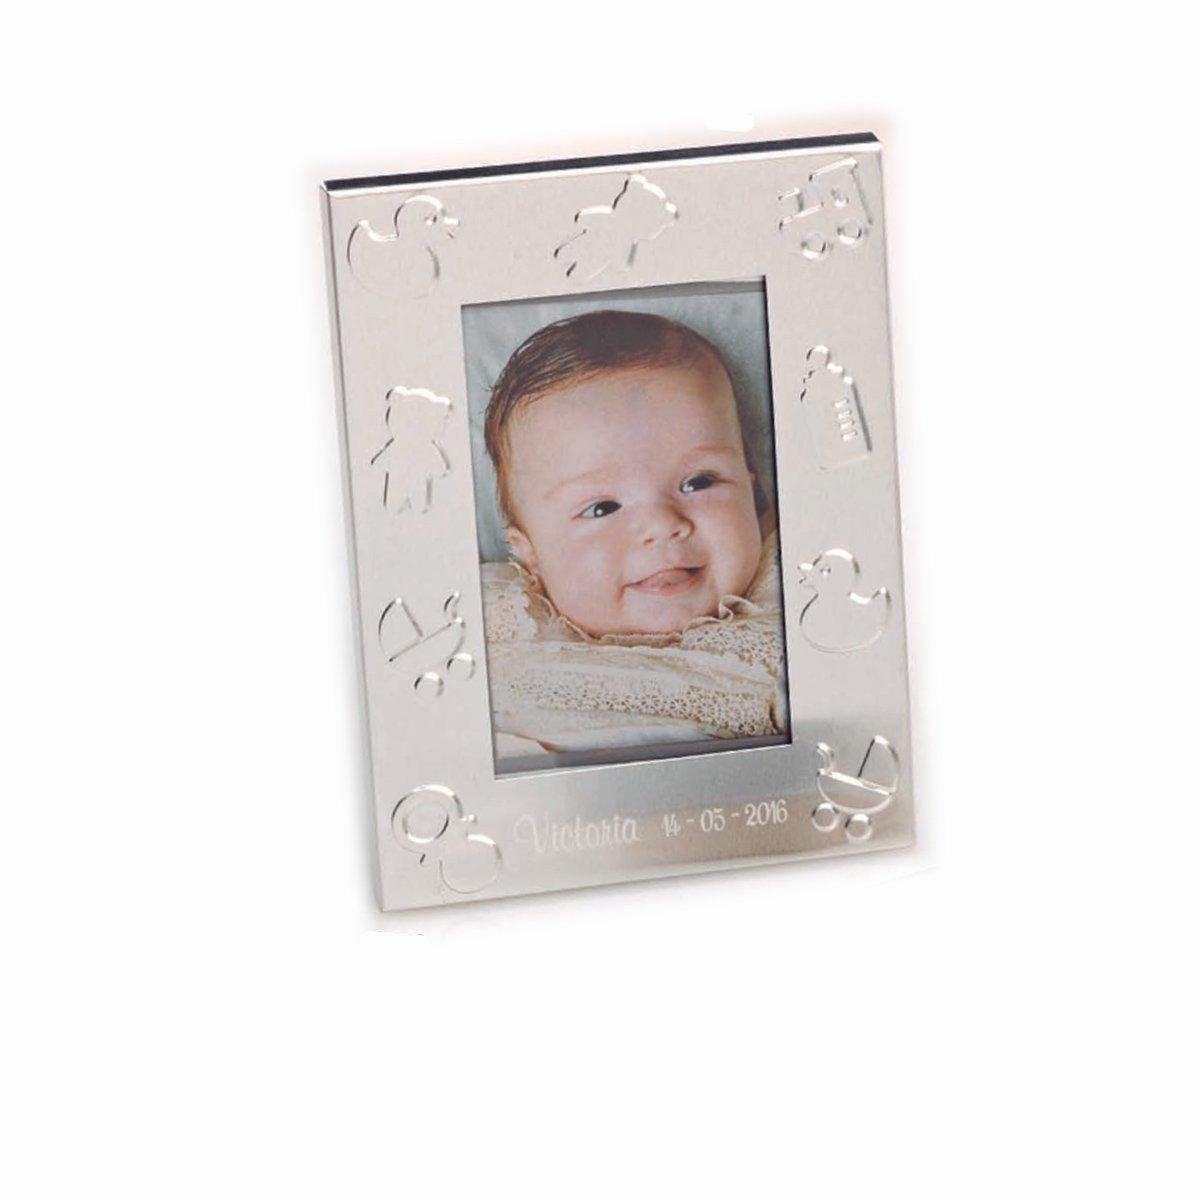 Grabado con nombre y fecha Portafoto metal con simbolos de bebe Pack de 15 unidades